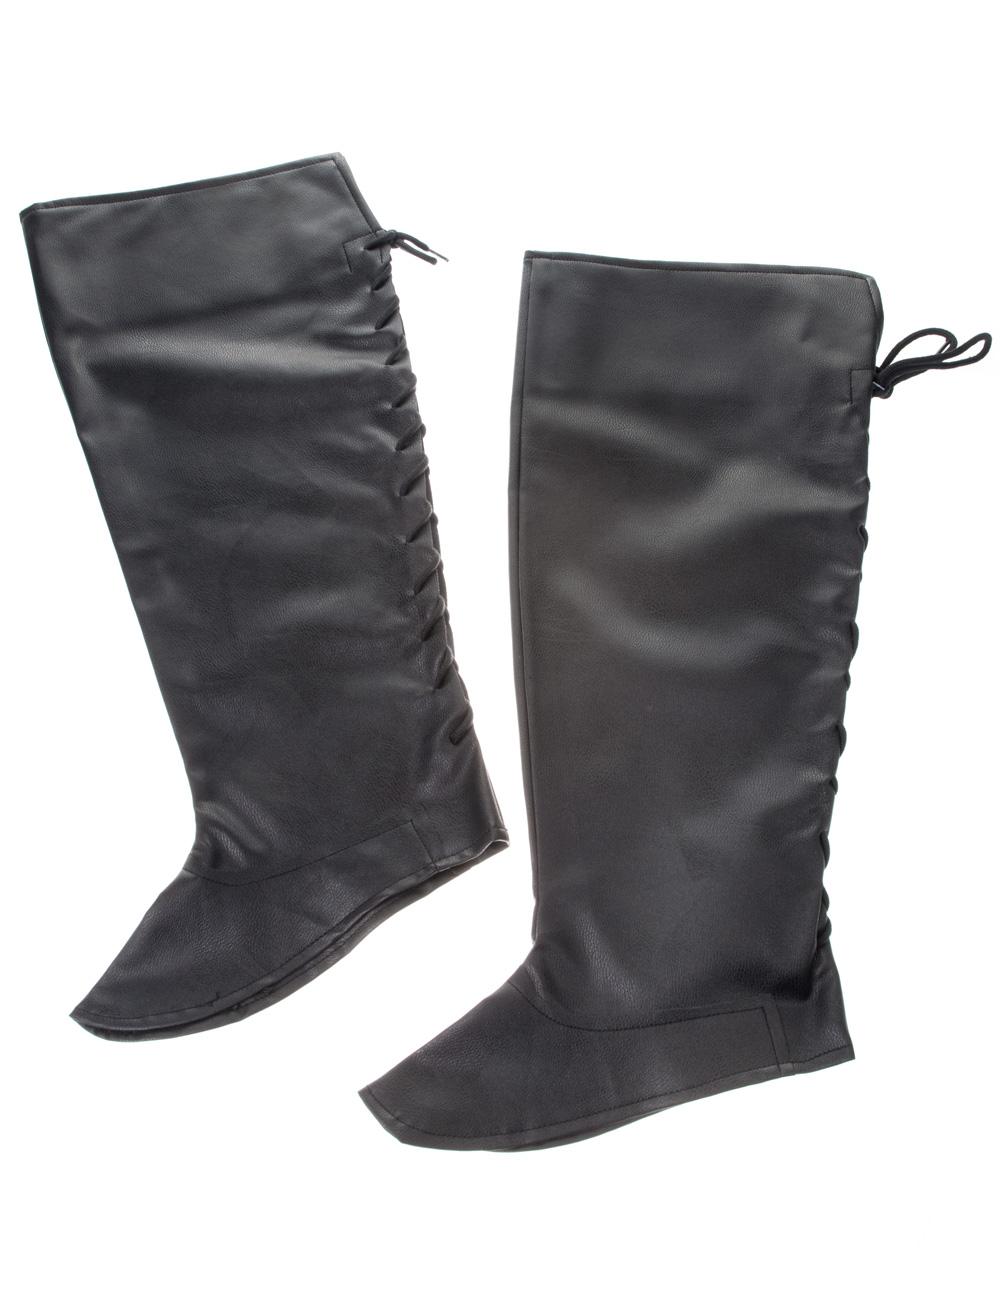 Kostuemzubehor Stiefelstulpen zum Schnueren schwarz